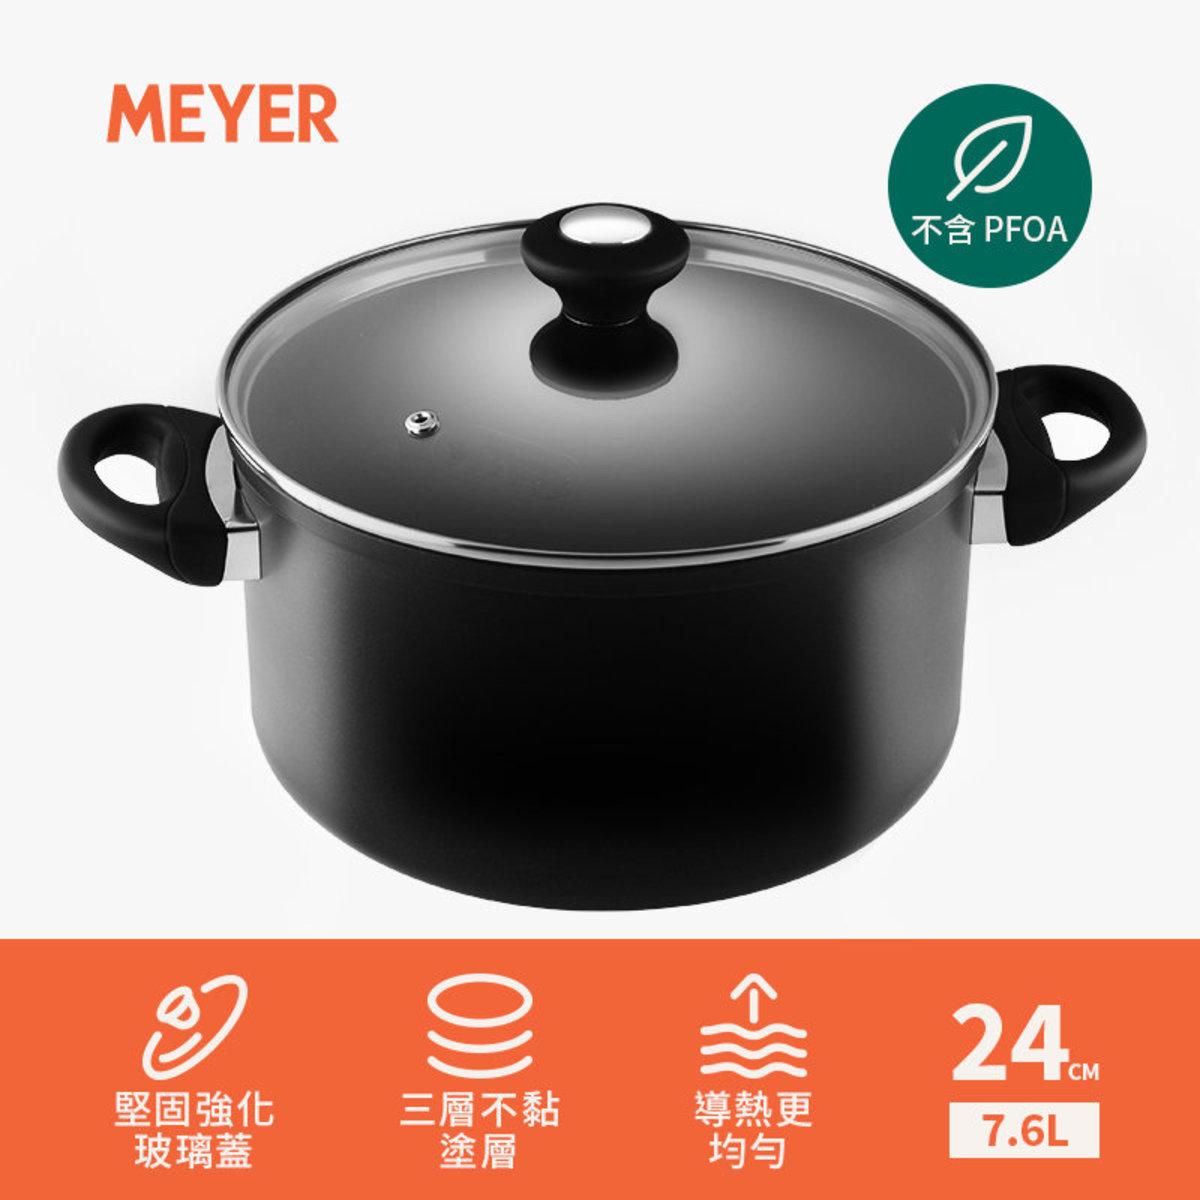 (電磁爐適用) 24cm | 7.6L 易潔湯鍋連蓋 - COOK 'N LOOK (#18888)